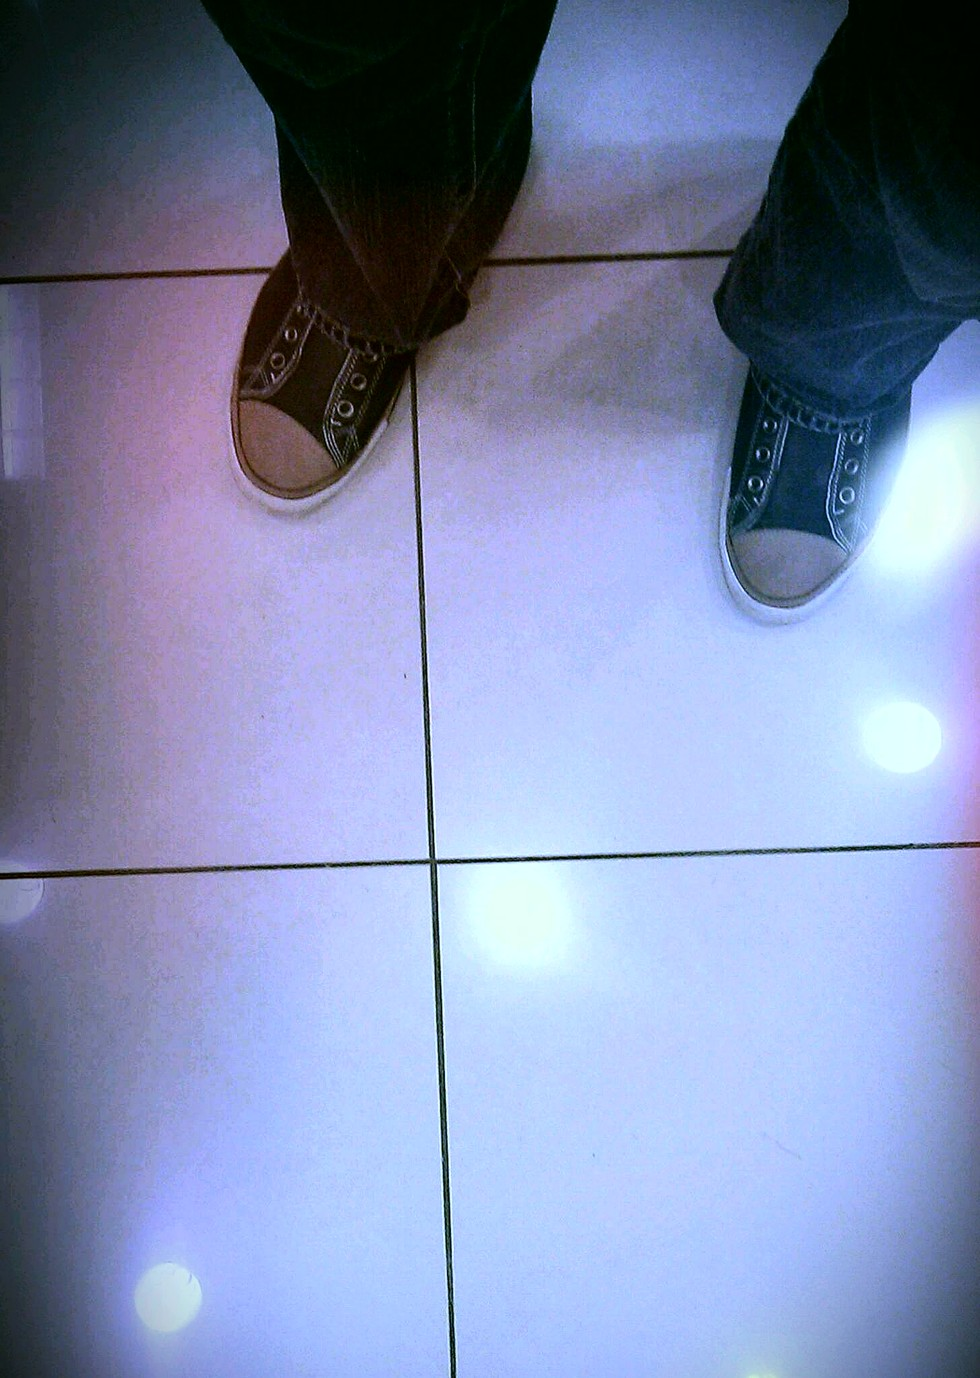 Nord_floor_converse